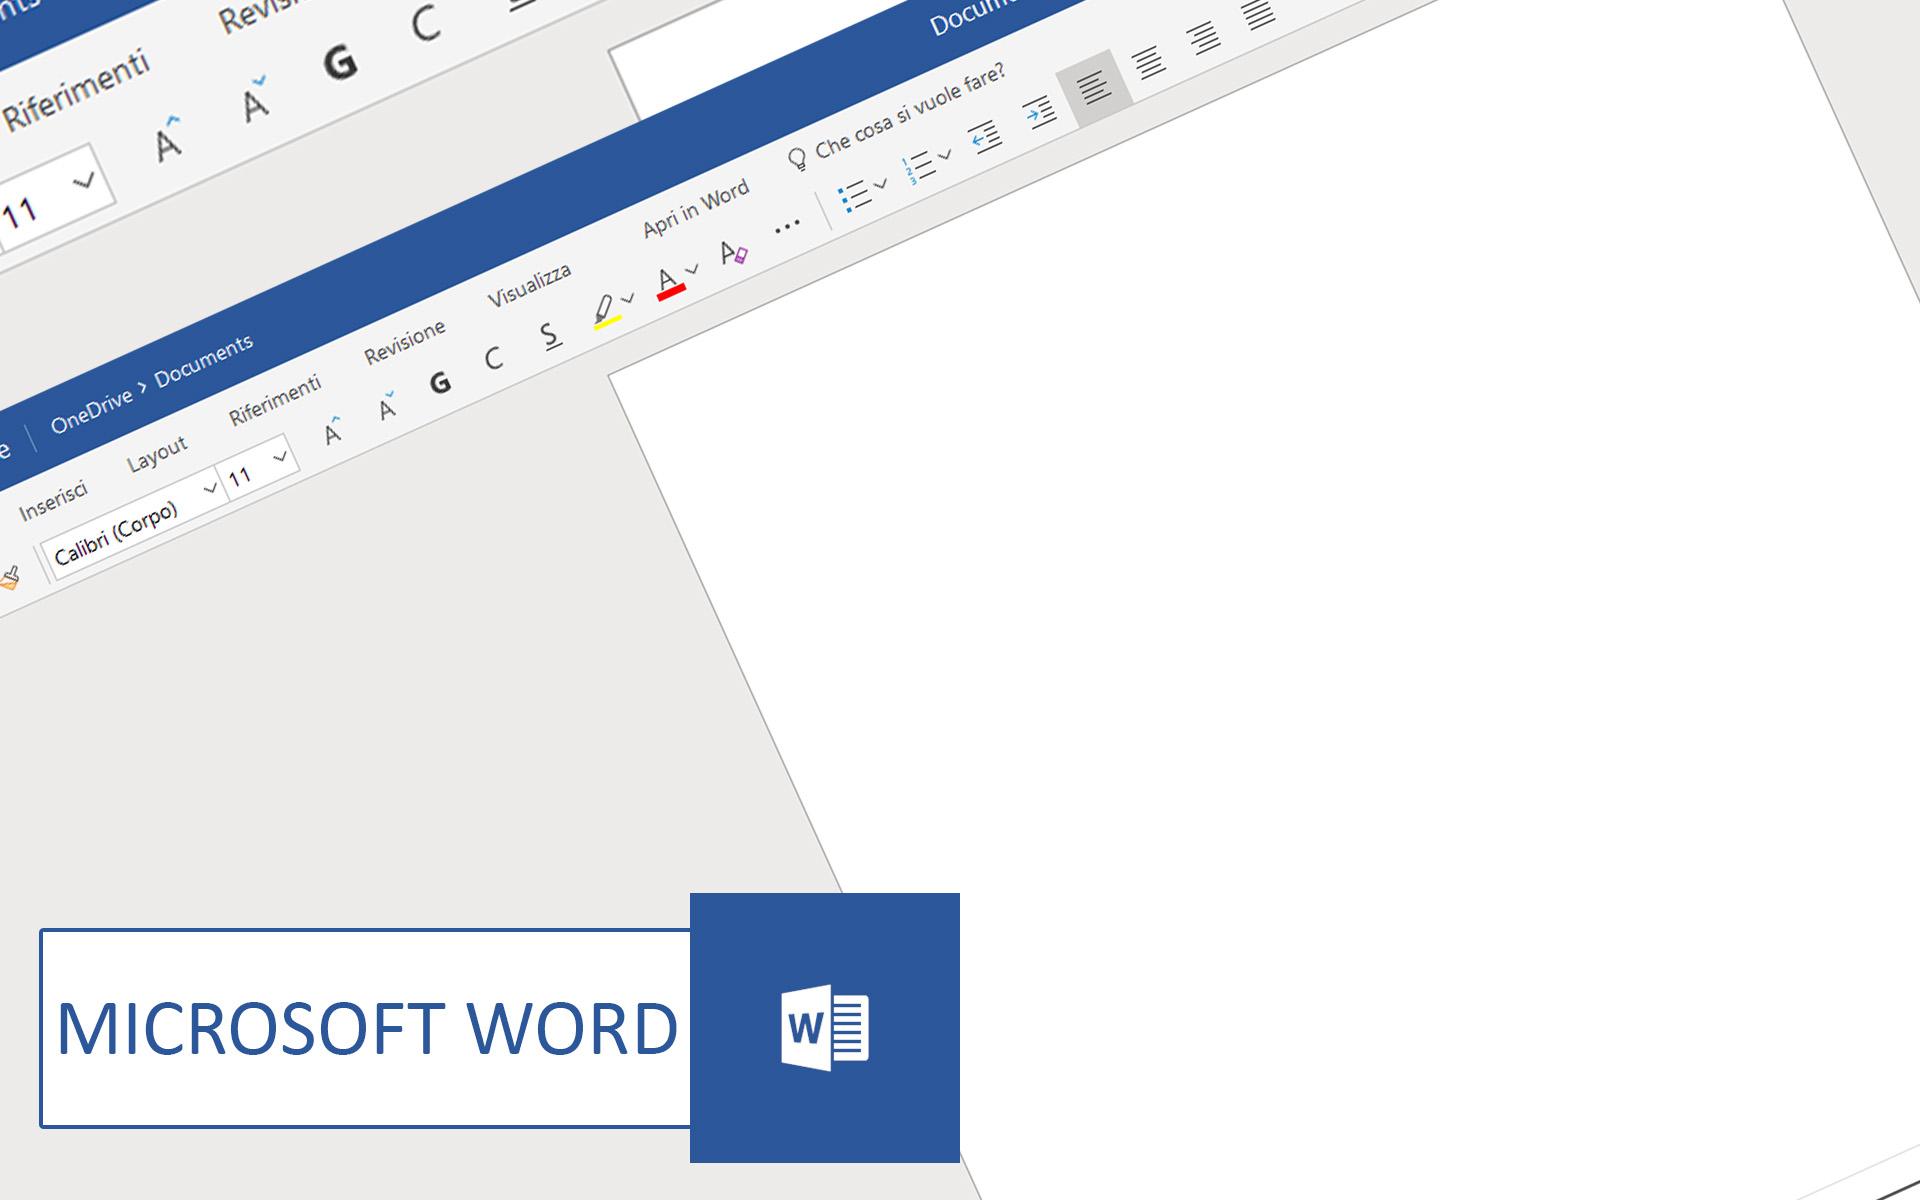 Come usare Microsoft Word online Gratis senza installare programmi